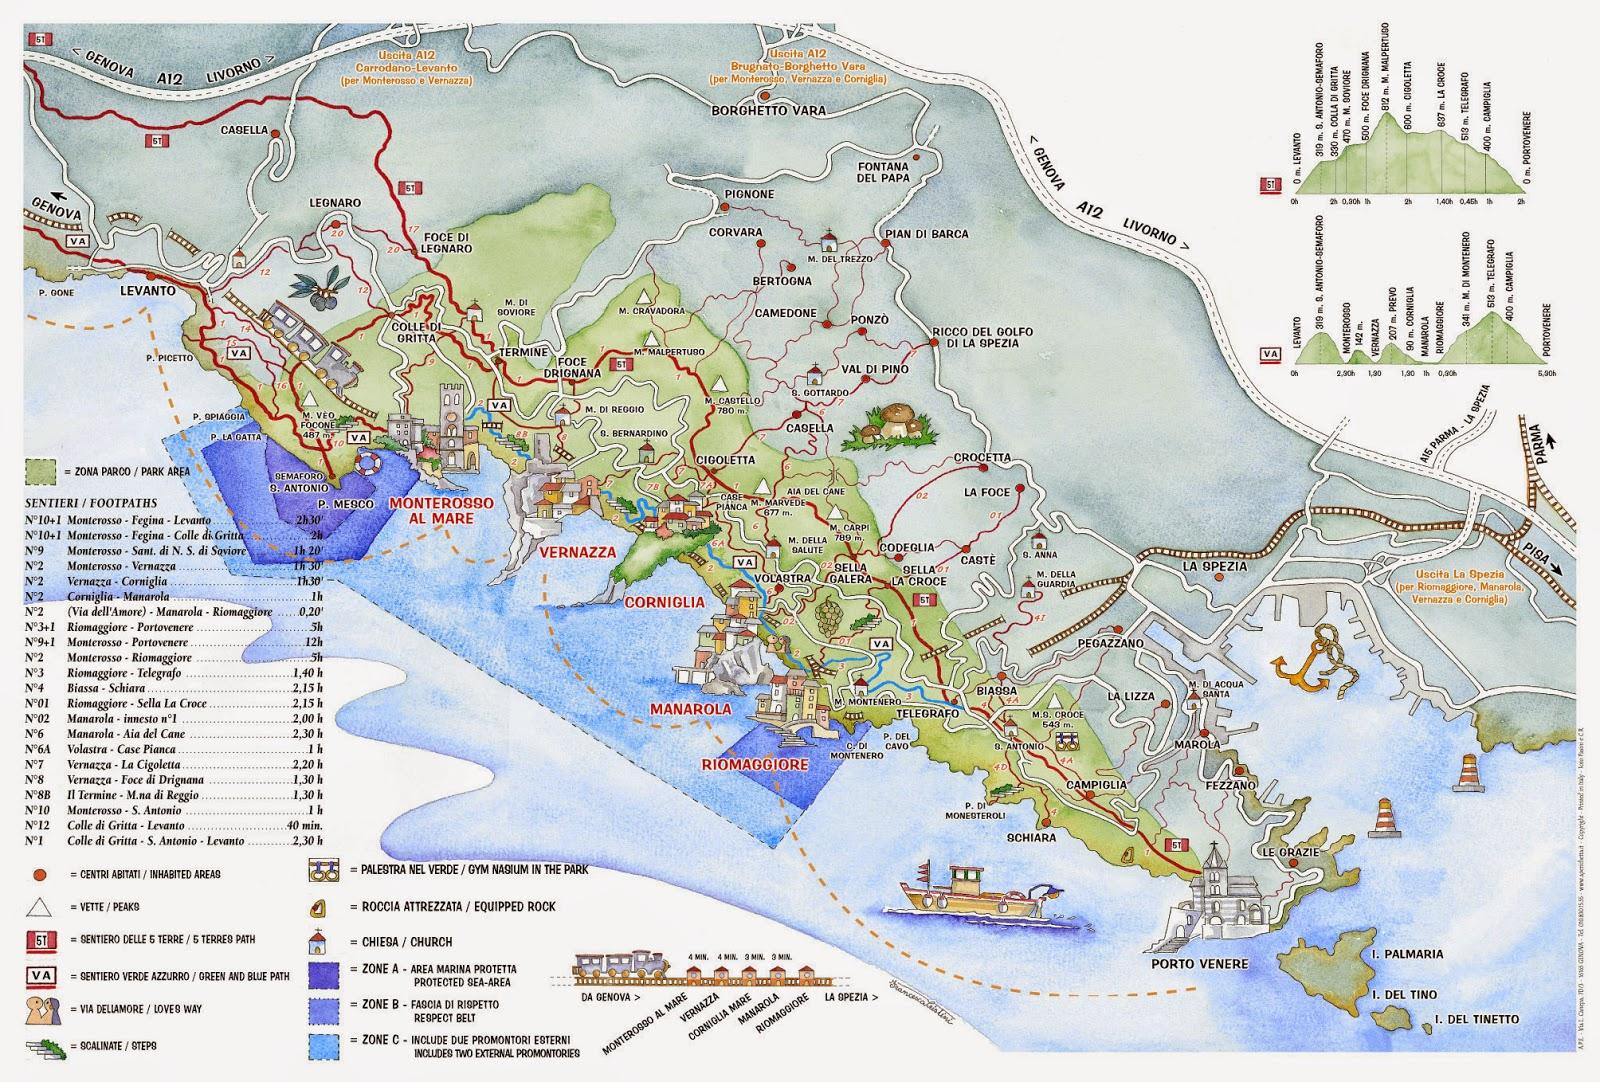 Map of Cinque Terre, RioMaggiore, Italy